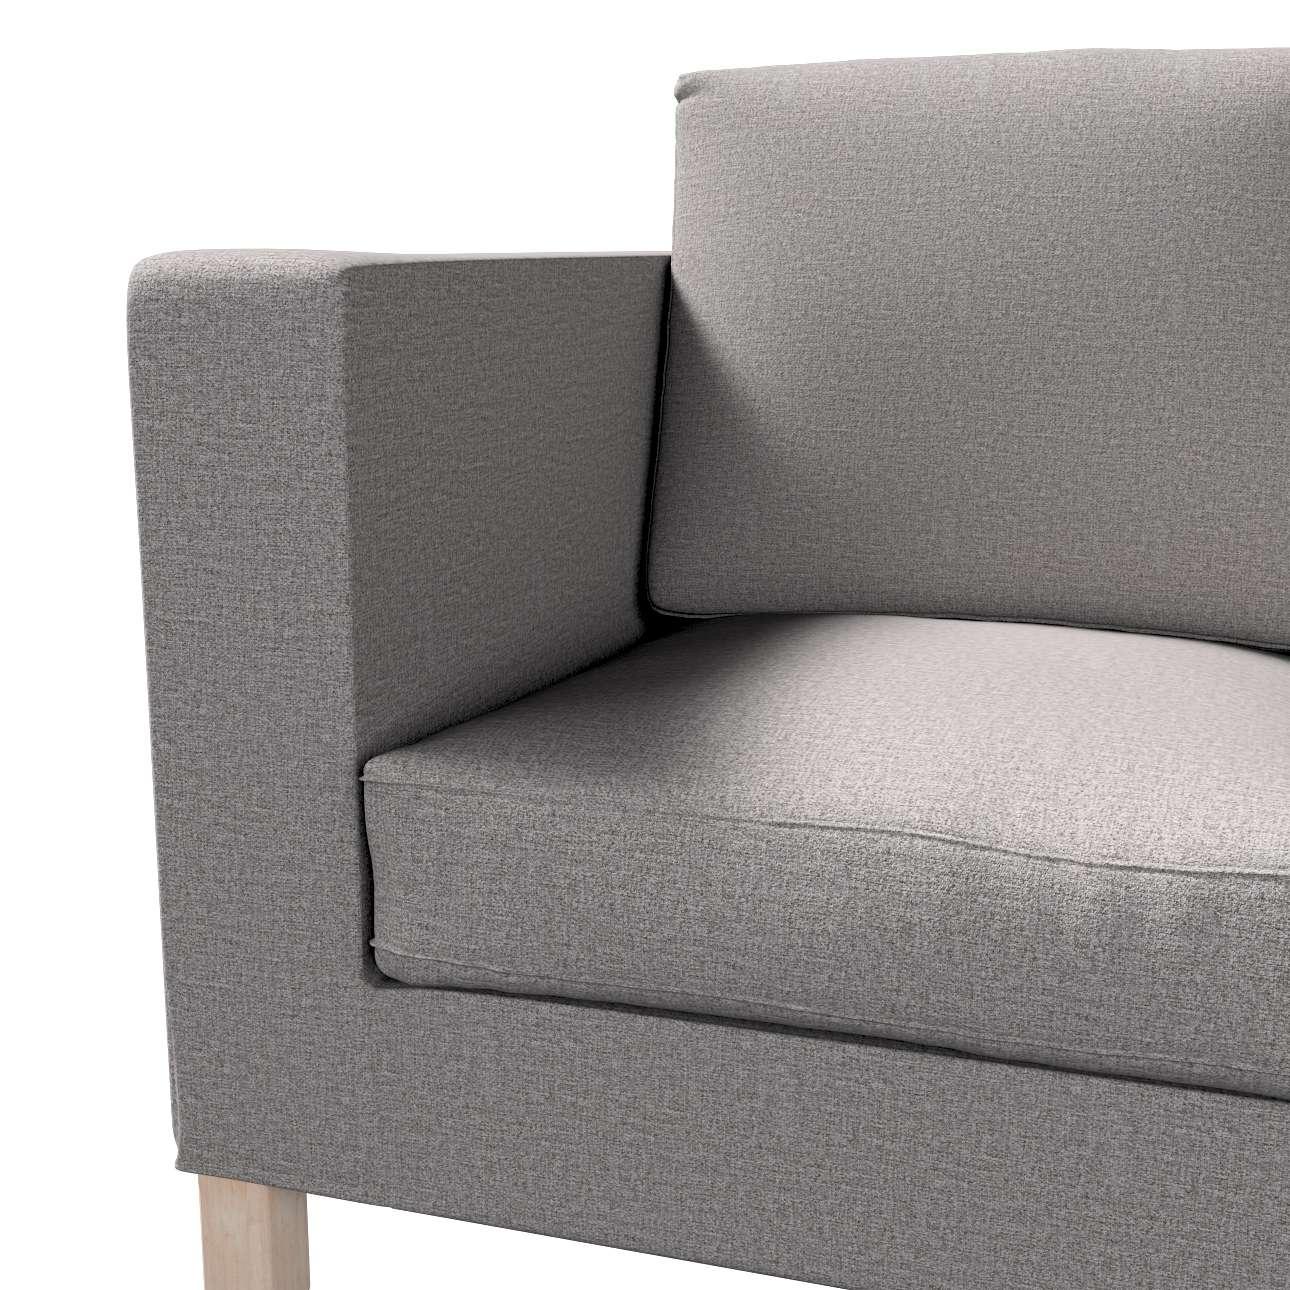 Pokrowiec na sofę Karlanda 2-osobową nierozkładaną, krótki w kolekcji Edinburgh, tkanina: 115-81